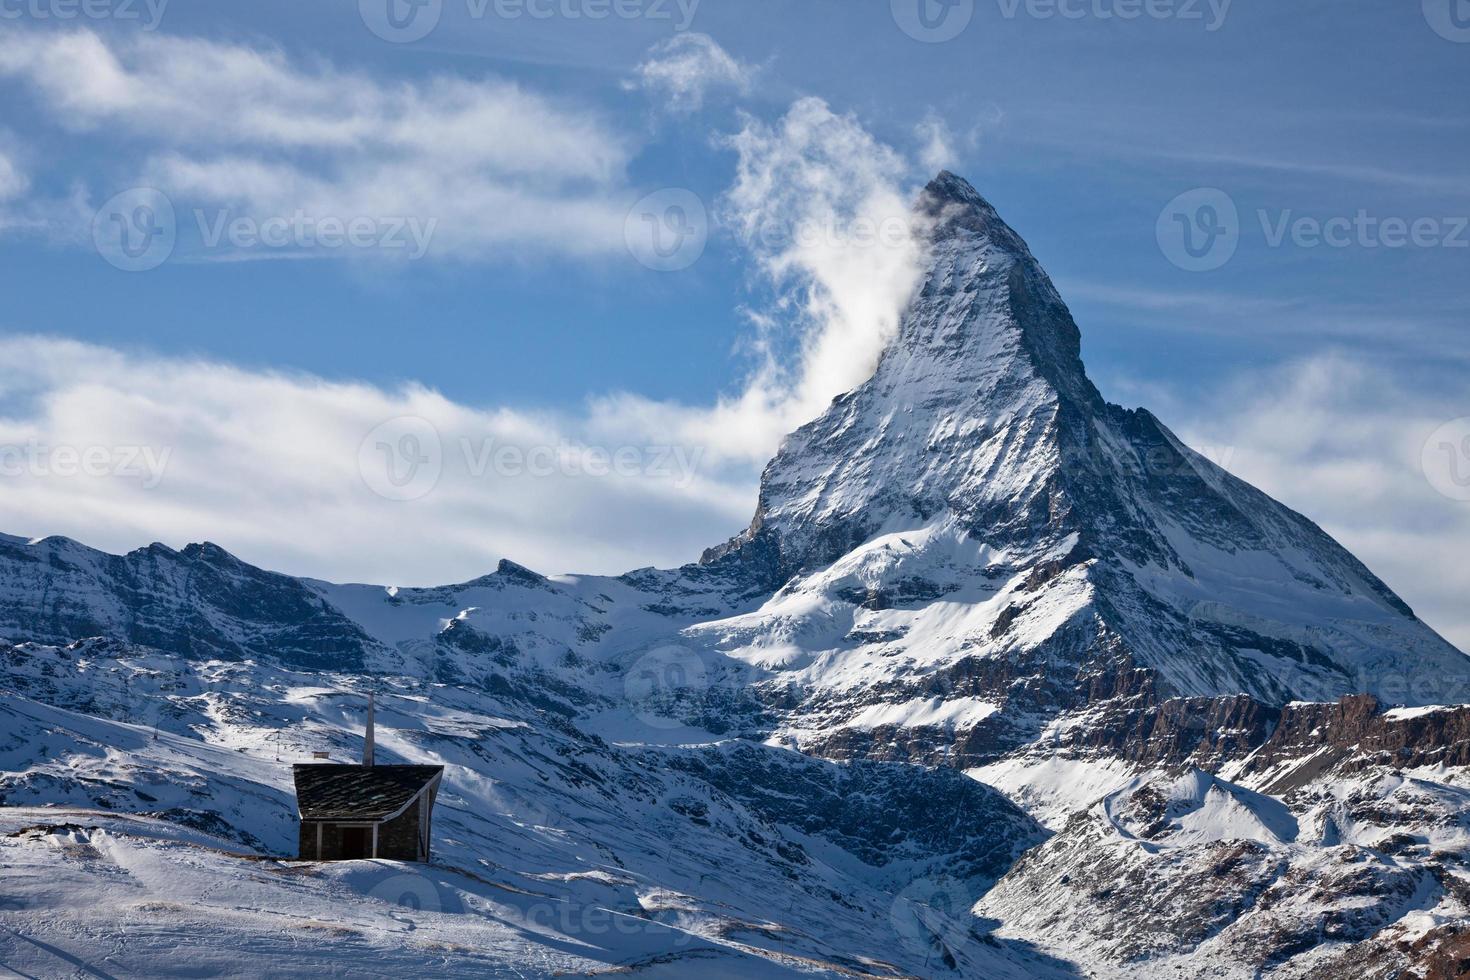 riffelberg kapell i snön nedanför sakenhornet foto